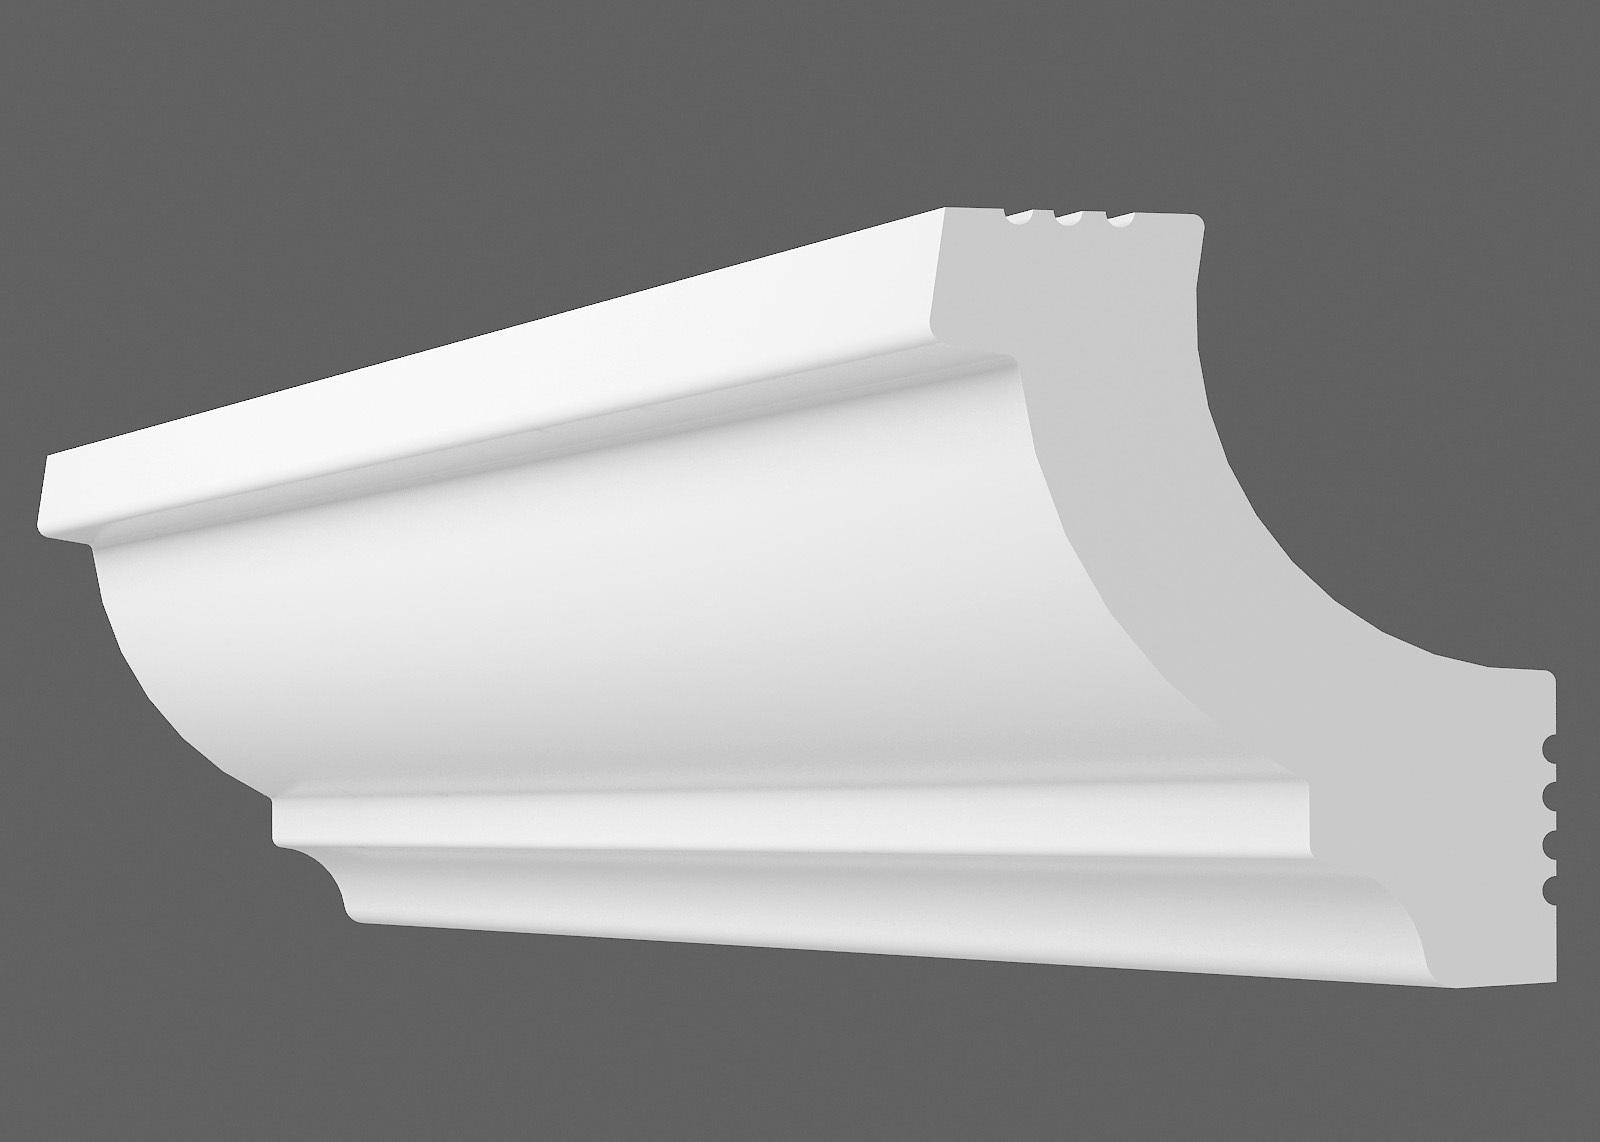 Потолочный плинтус Z-35 (Размер:30х25мм)